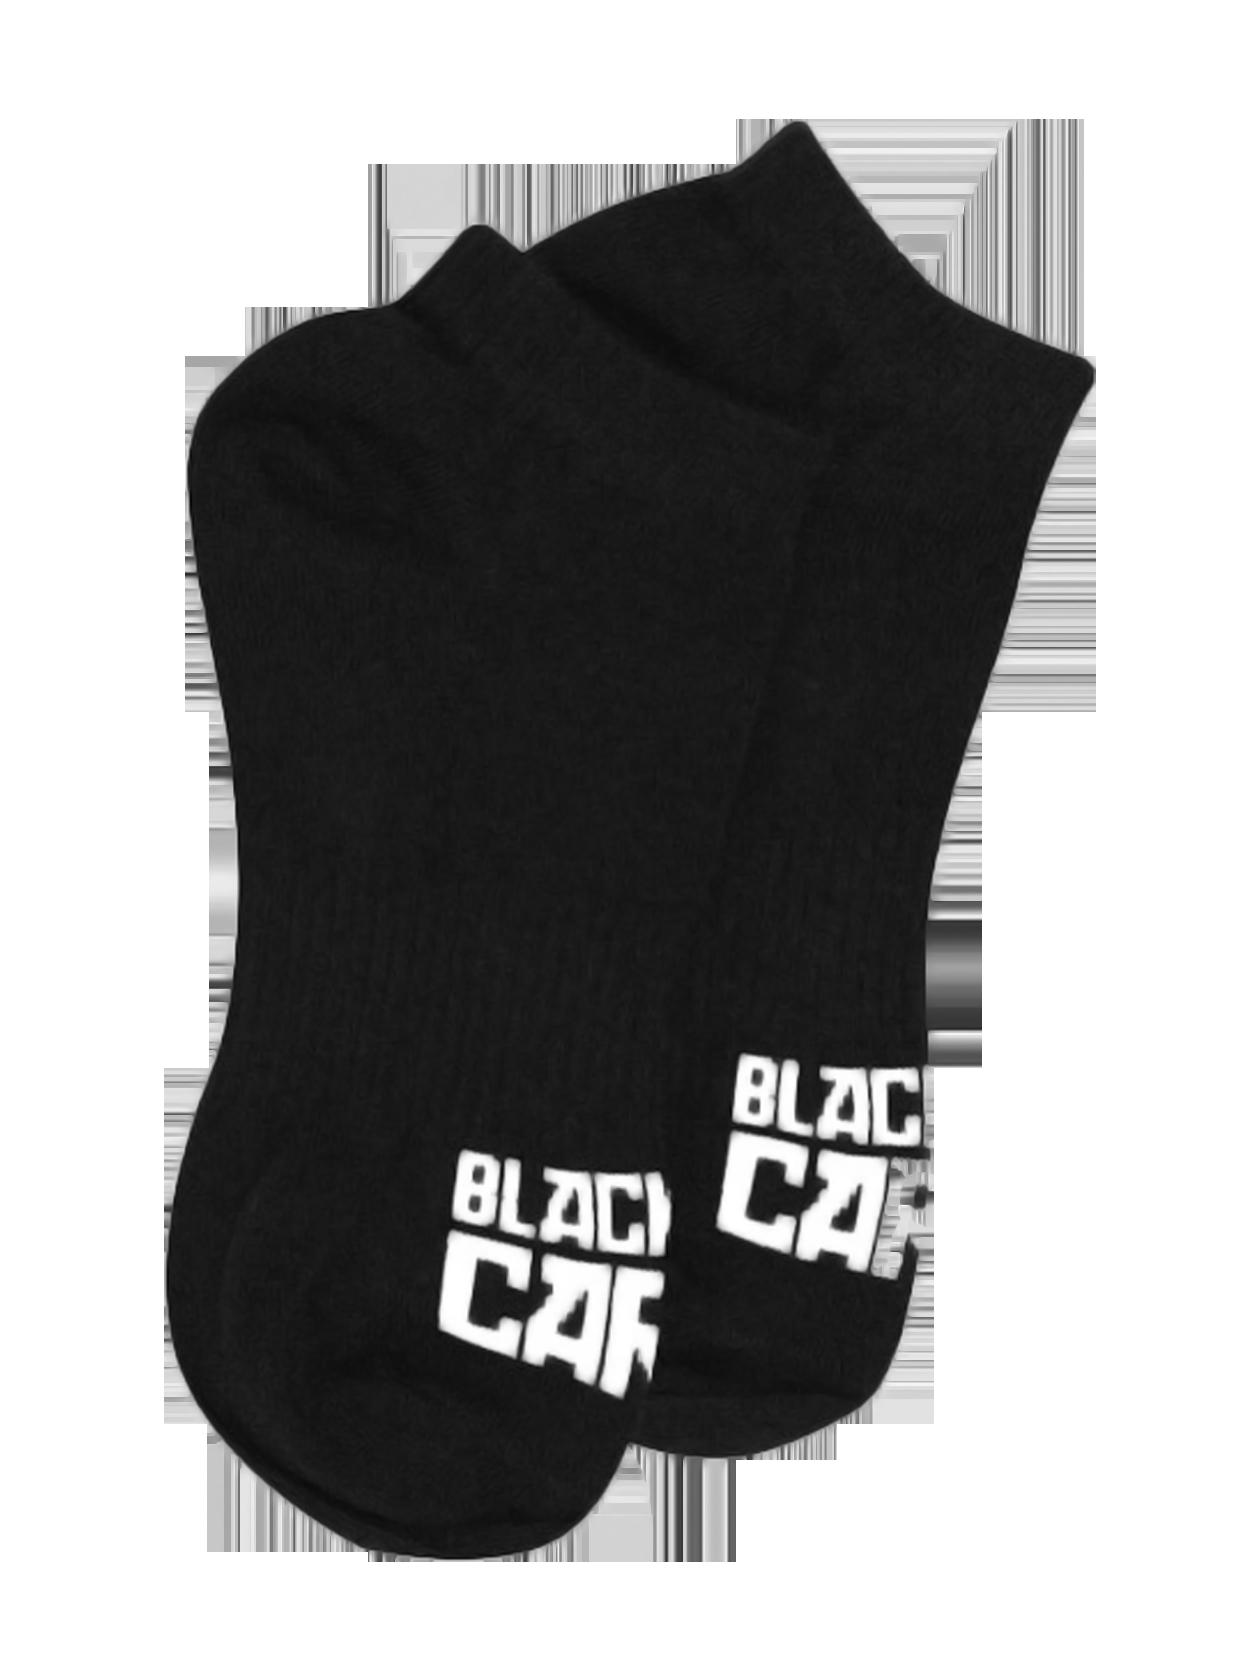 Носки унисекс CartelНоски унисекс из коллекции Black Star Wear. Однотонная модель с контрастной надписью Black Star Cartel на тыльной стороне стопы и заниженным верхом, облегающим щиколотку. Изделие из хлопка с добавлением эластичных волокон для лучшей и более плотной посадки по ноге. Прекрасно подходят для повседневной носки и занятий спортом.<br><br>Размер: 39/40<br>Цвет: Черный<br>Пол: Унисекс